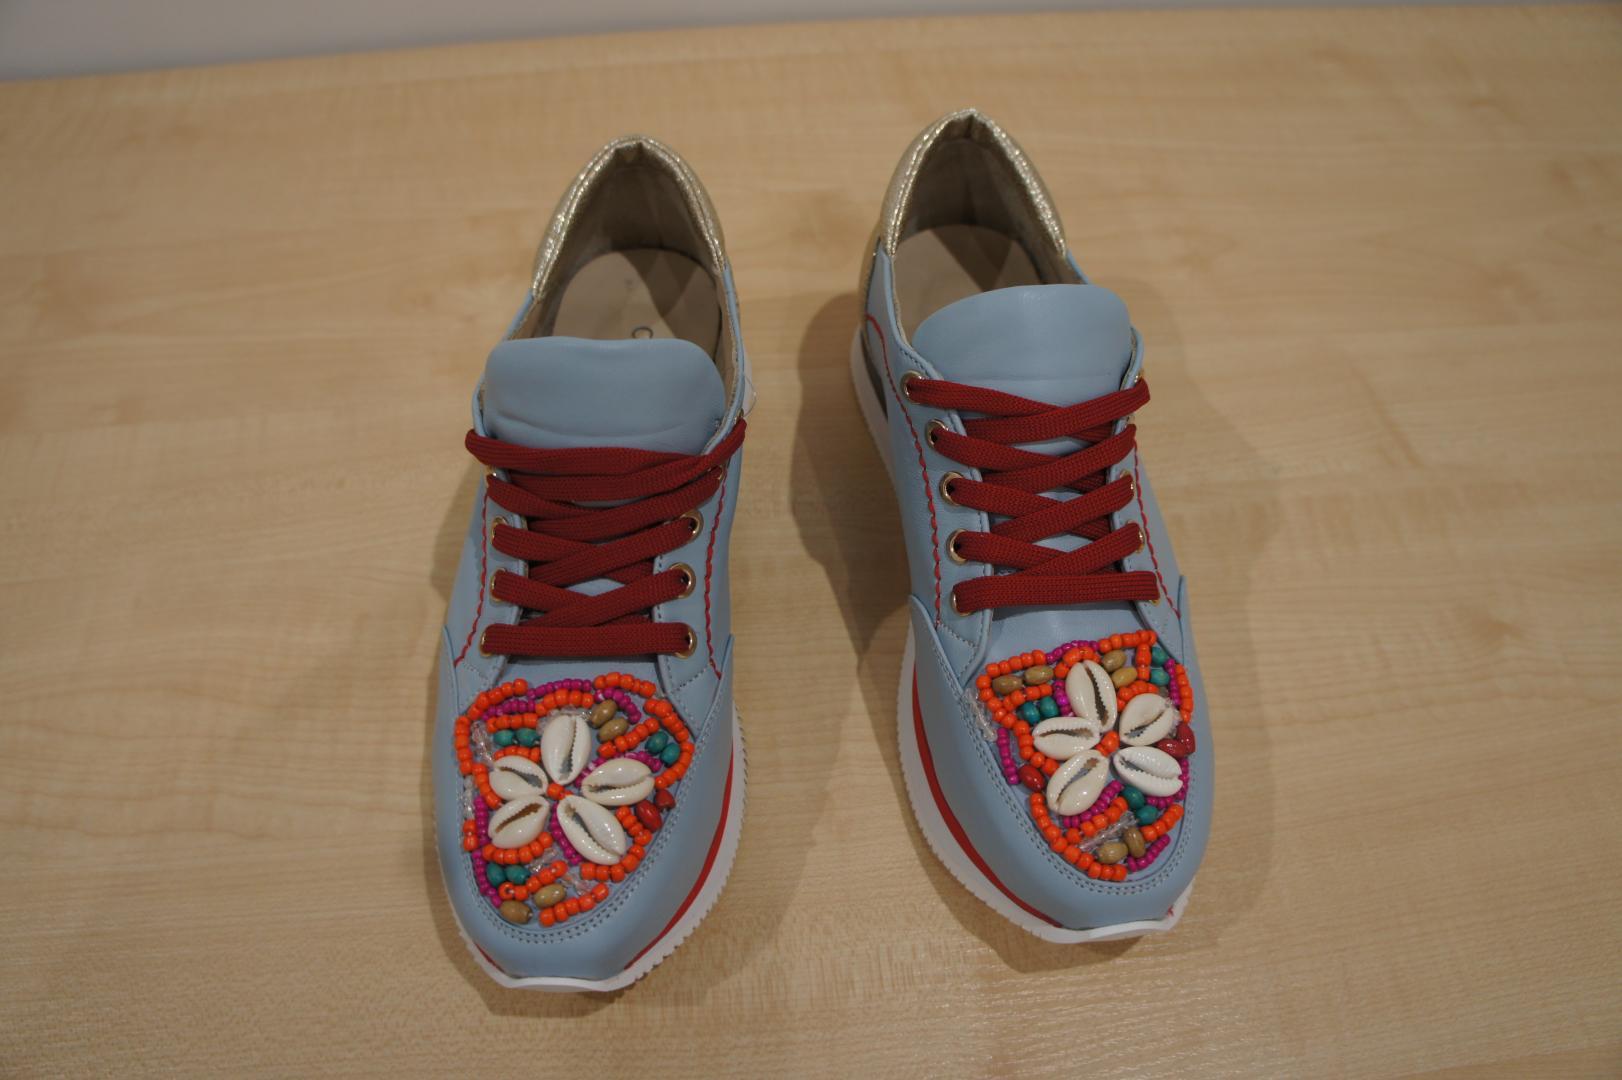 Женская обувь Cabani 316 1832 08-18 голубой 36